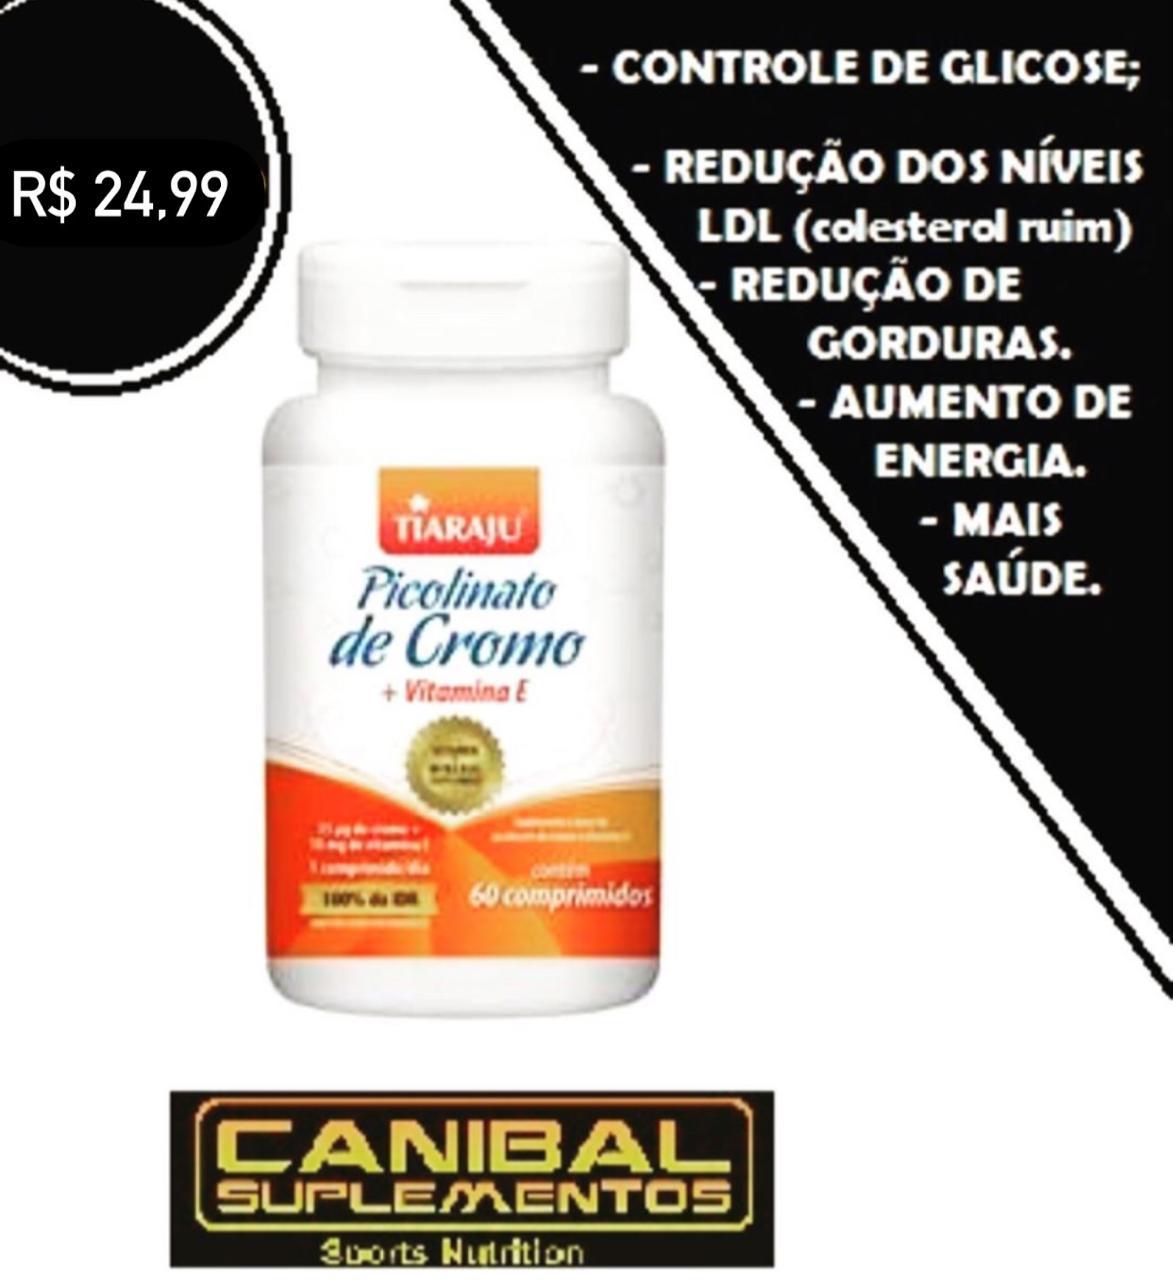 Picolinato de Cromo + Vitamina E 60caps TIARAJU